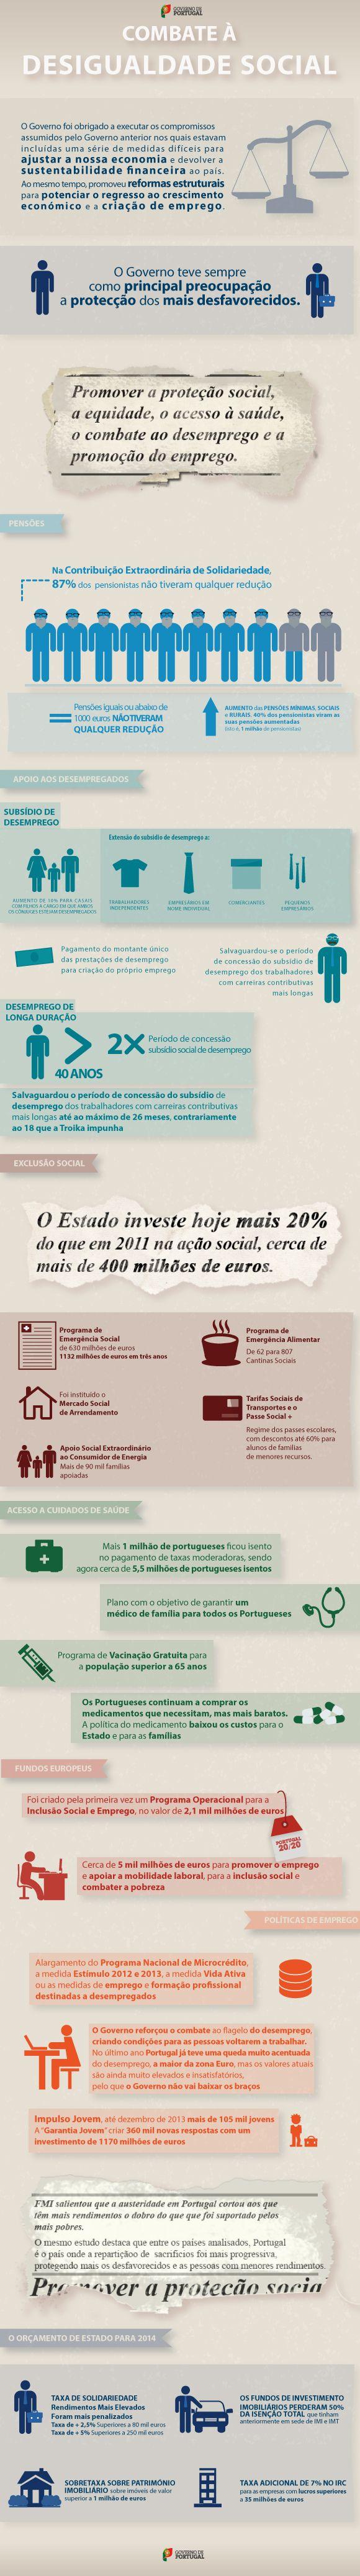 Infografico: combate à desigualdade social